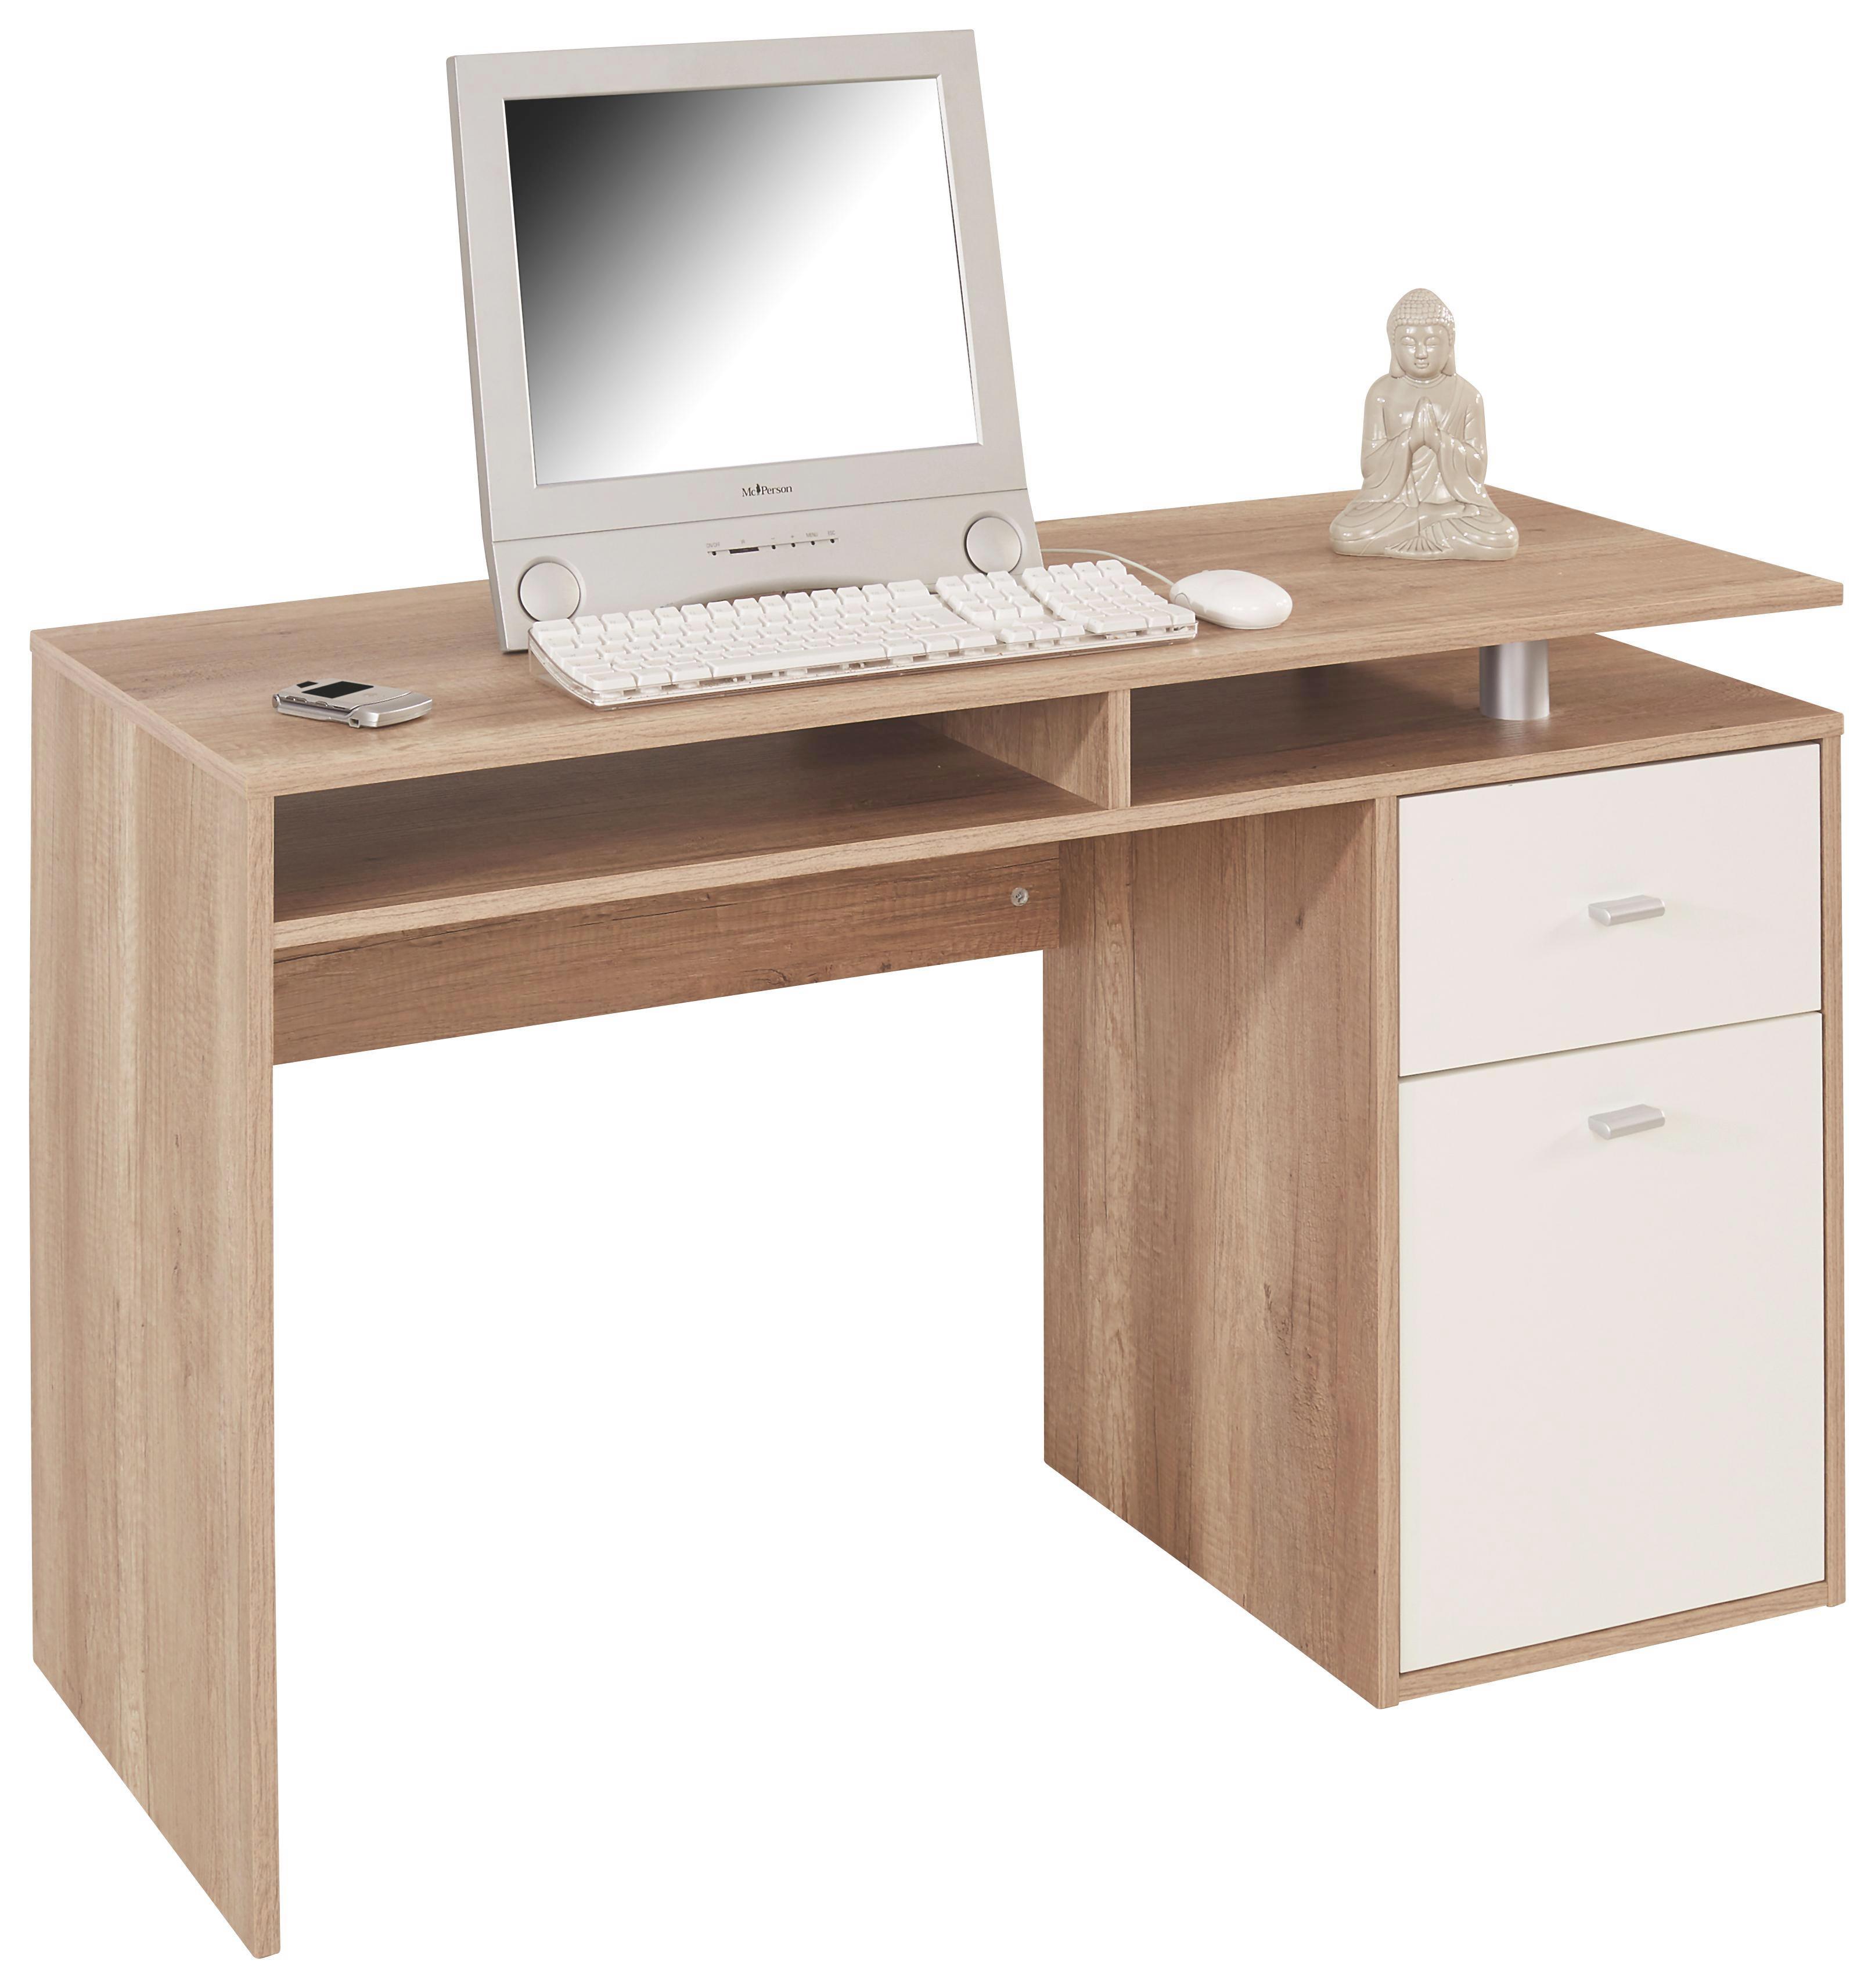 Schreibtisch holz modern  Schreibtische online kaufen | Möbelix